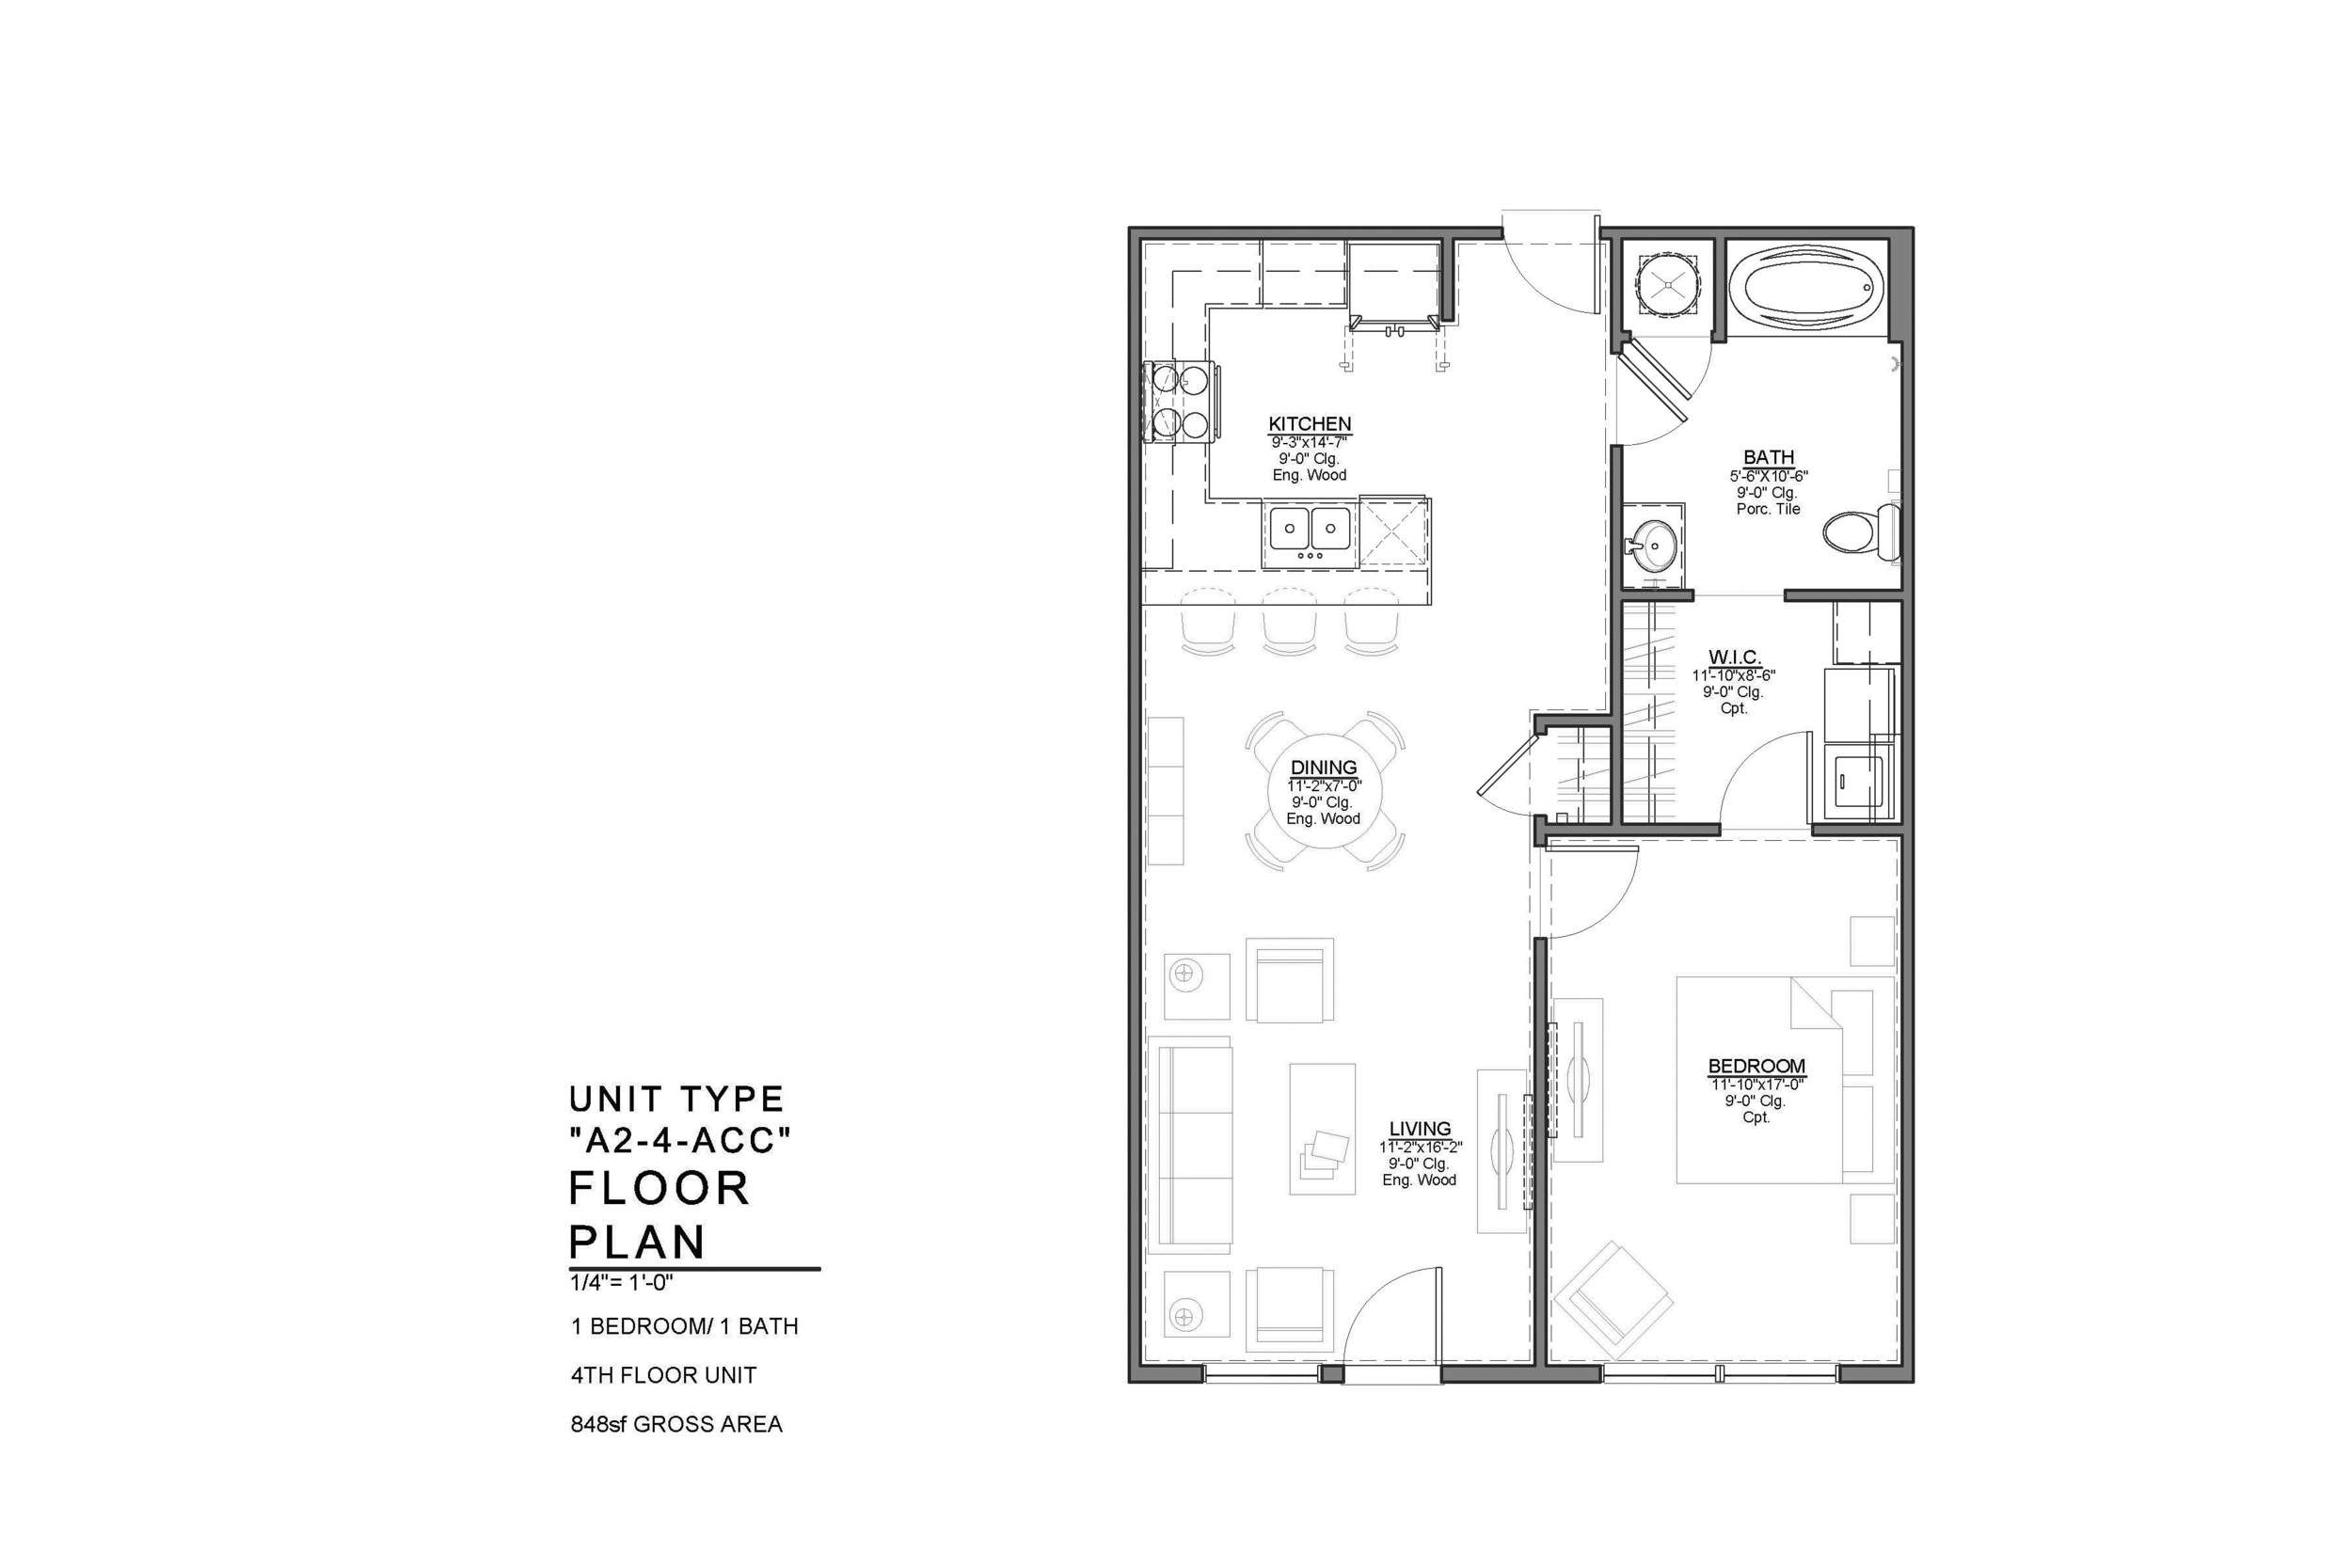 A2-4-ACC FLOOR PLAN: 1 BEDROOM / 1 BATH